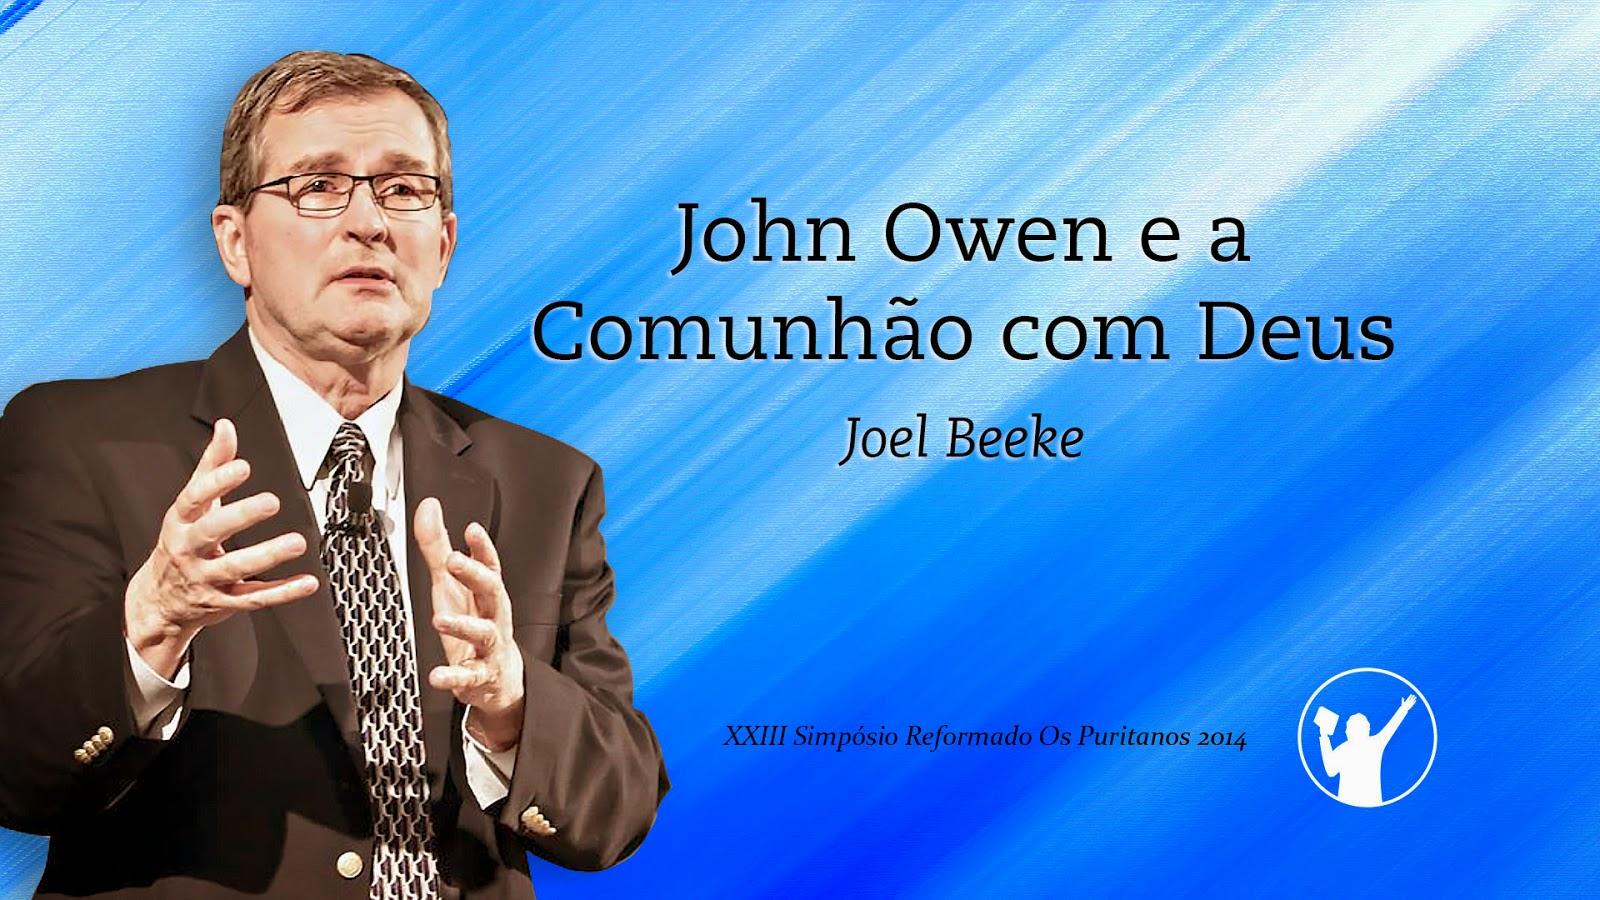 John Owen e a Comunhão com Deus